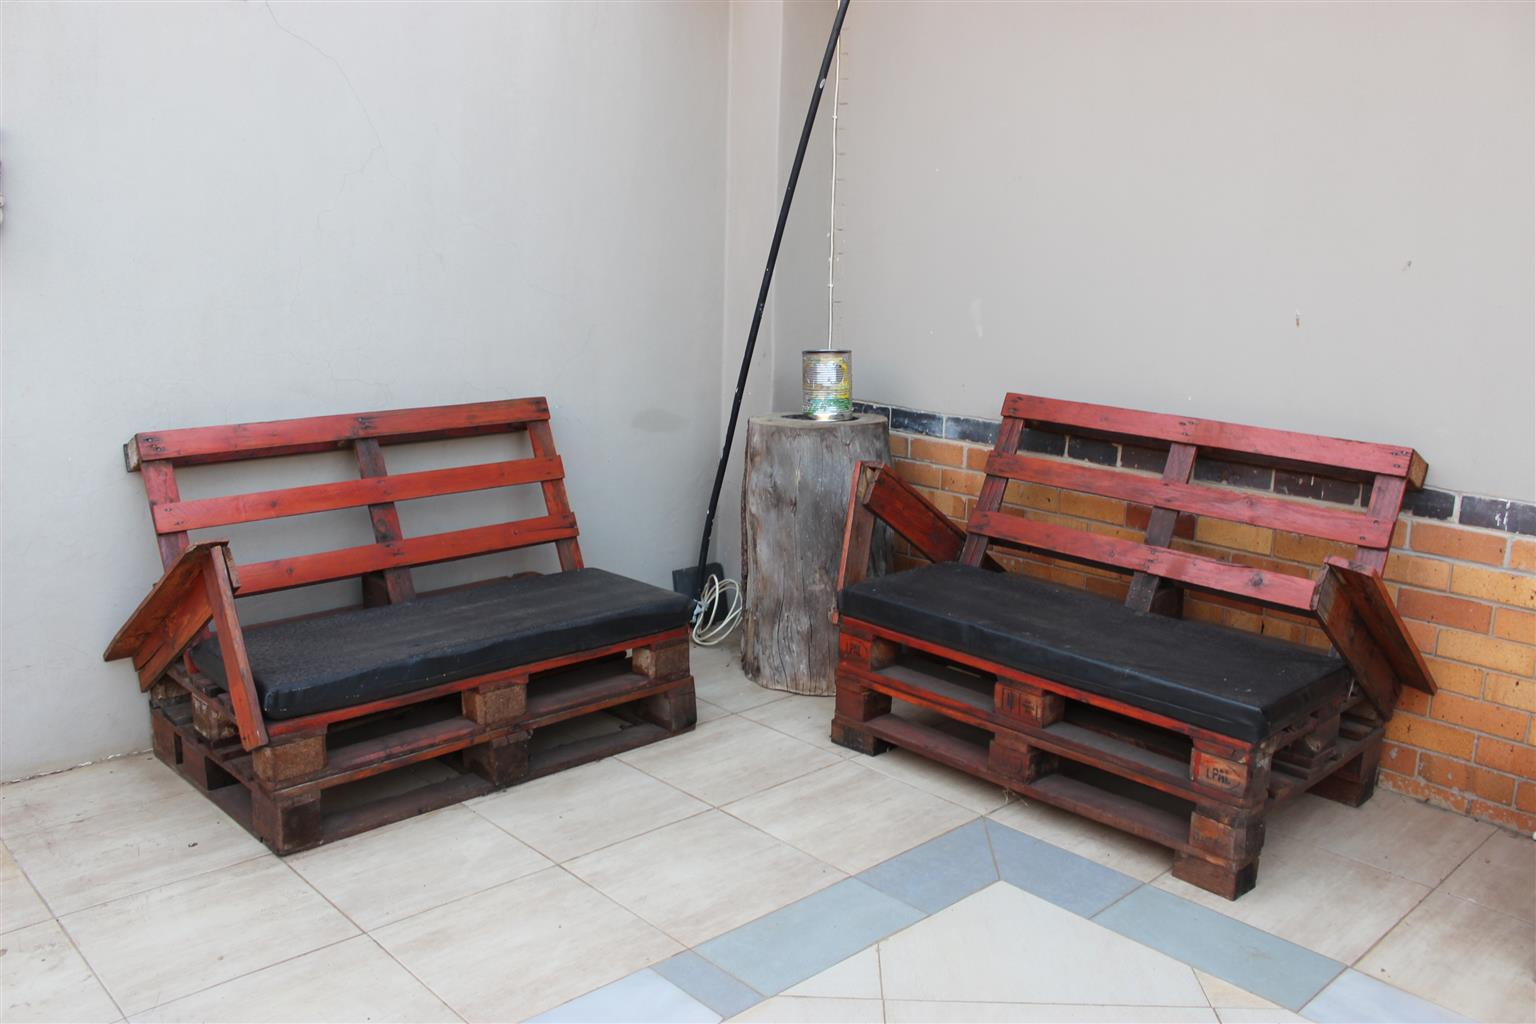 Patio/Outside Furniture